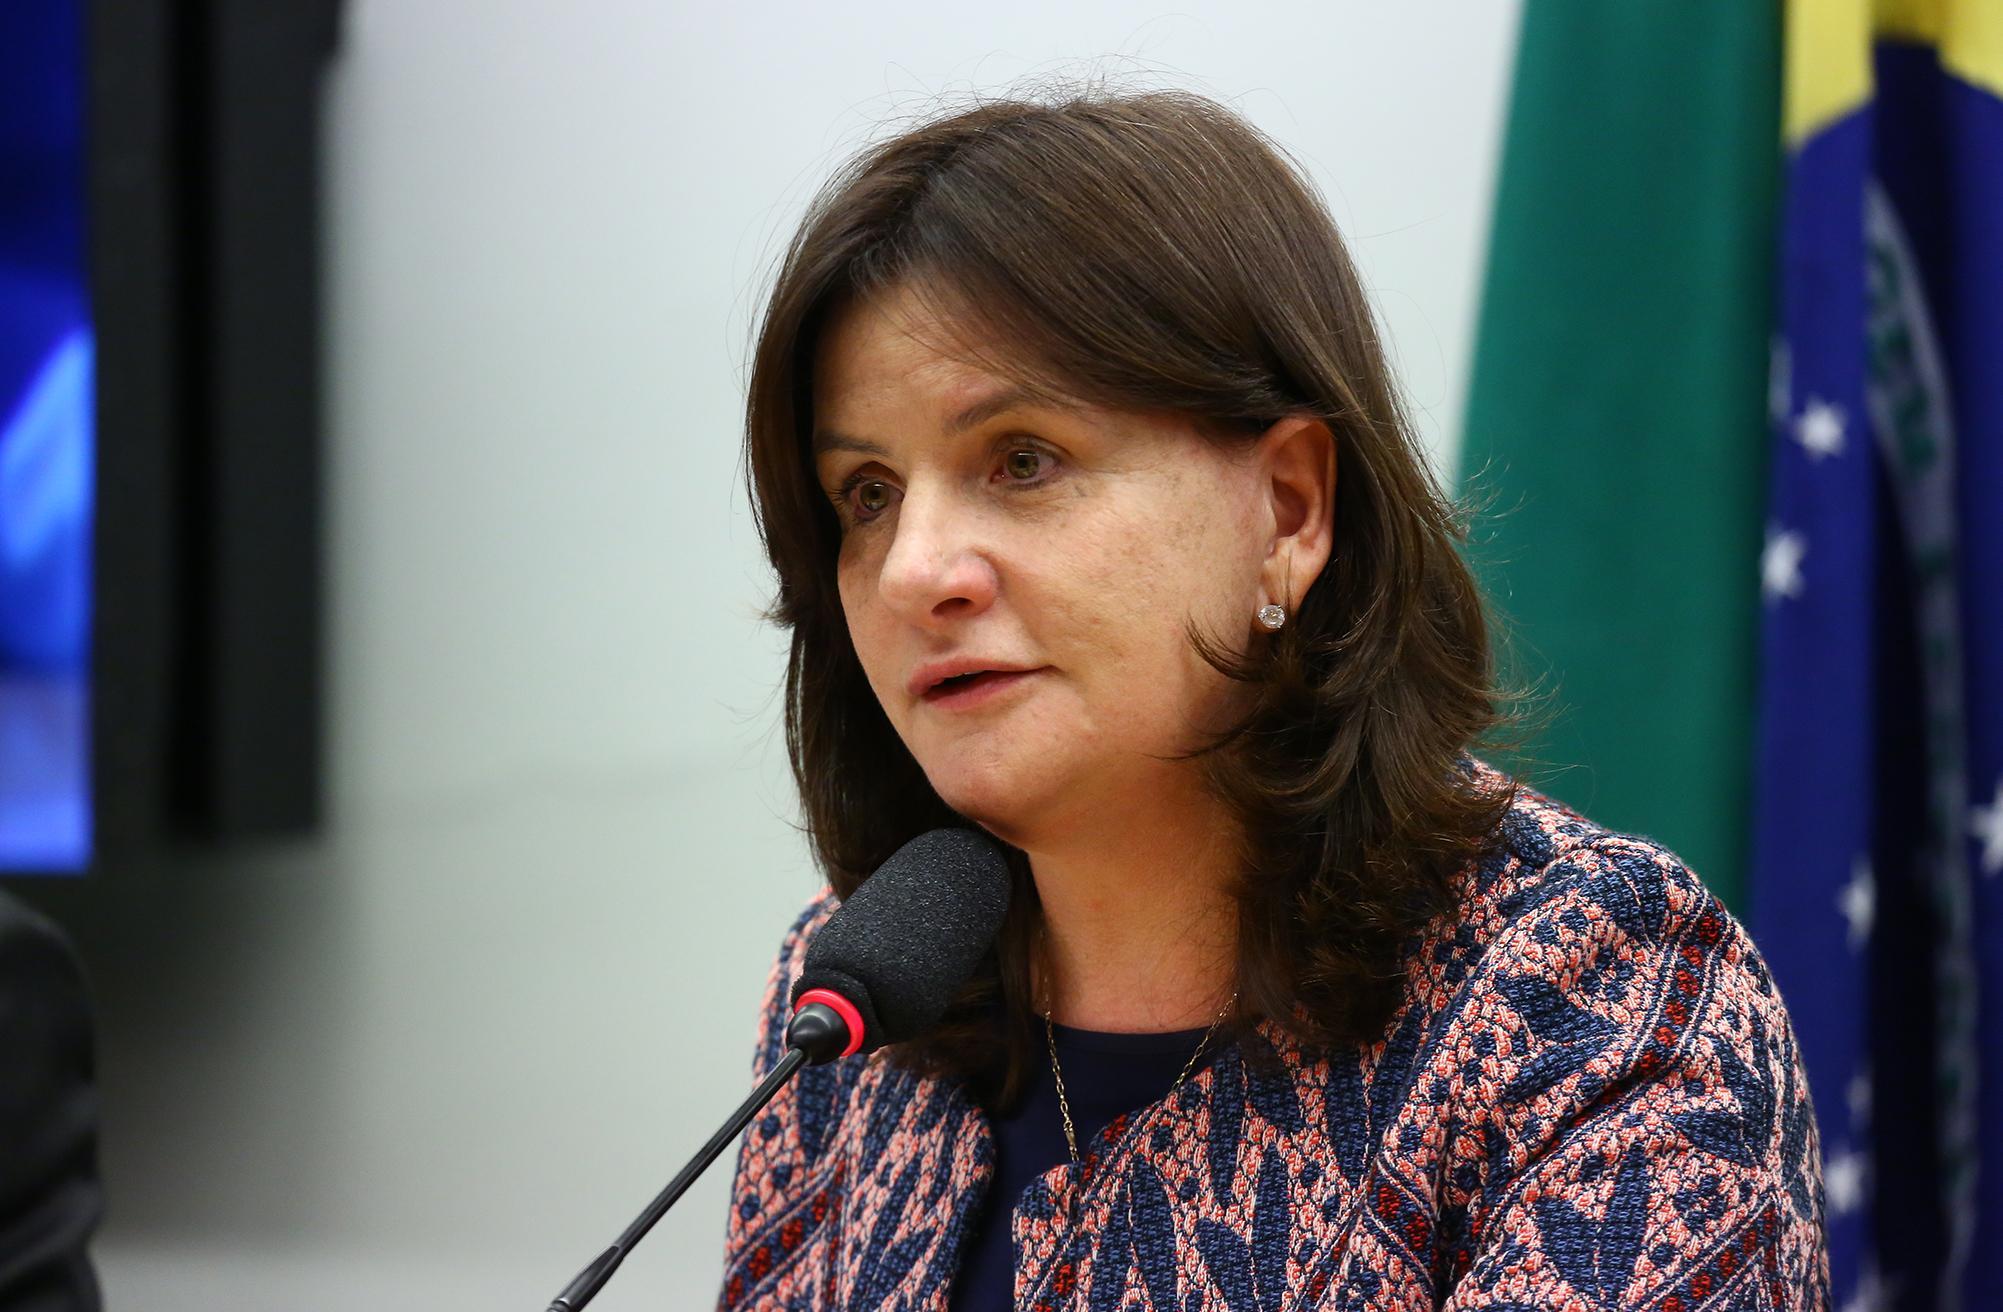 Audiência Pública para debater sobre o acesso aos insumos, medicamentos e ao tratamento para diabetes no SUS. Dep. Carmen Zanotto (PPS - SC)